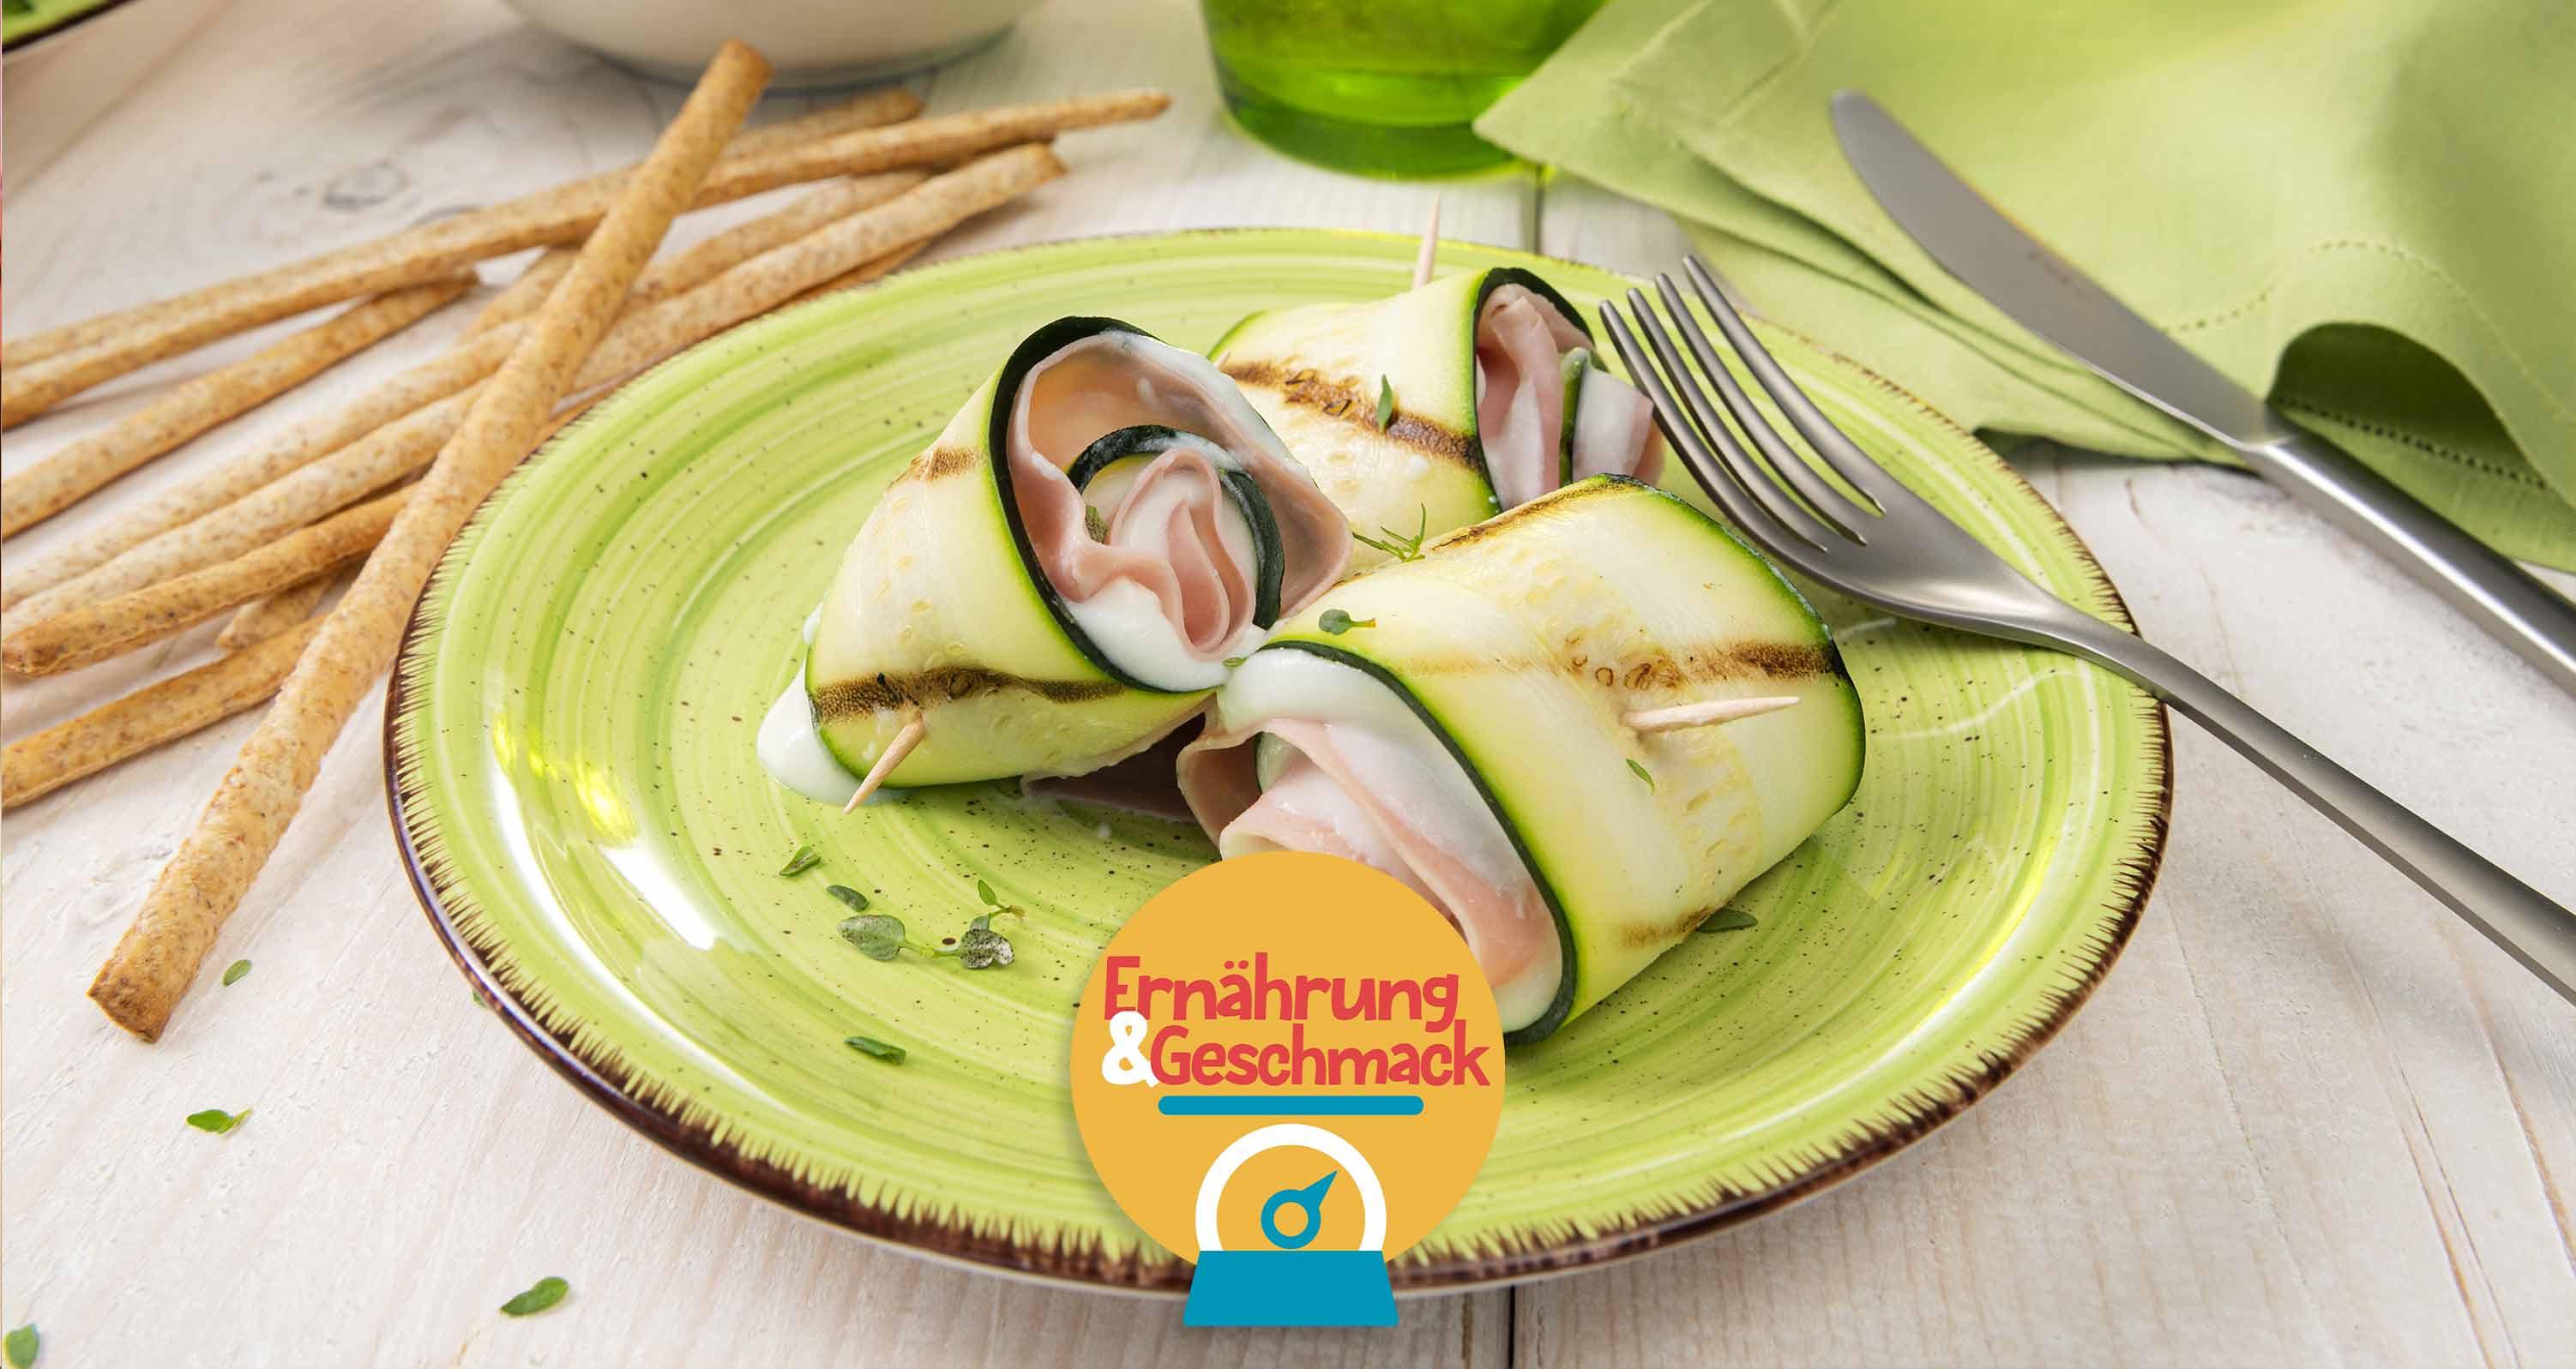 rotolini-zucchine-denxoFUo.jpg